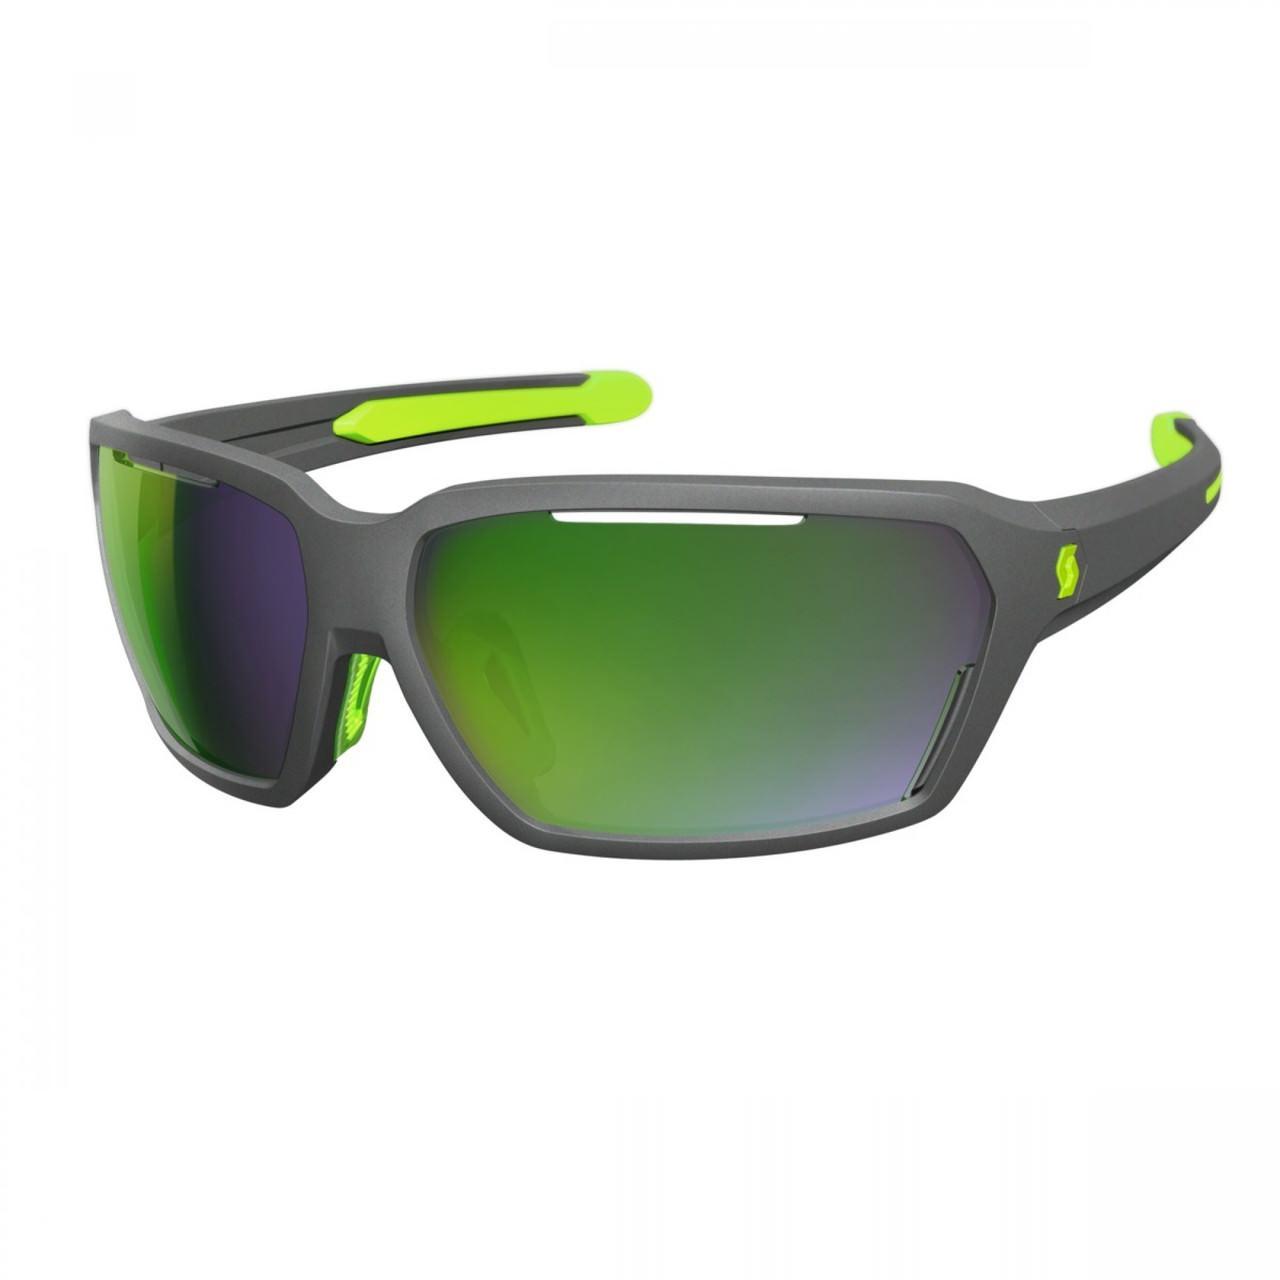 Спортивные очки SCOTT VECTOR серый матовый /зеленый хром